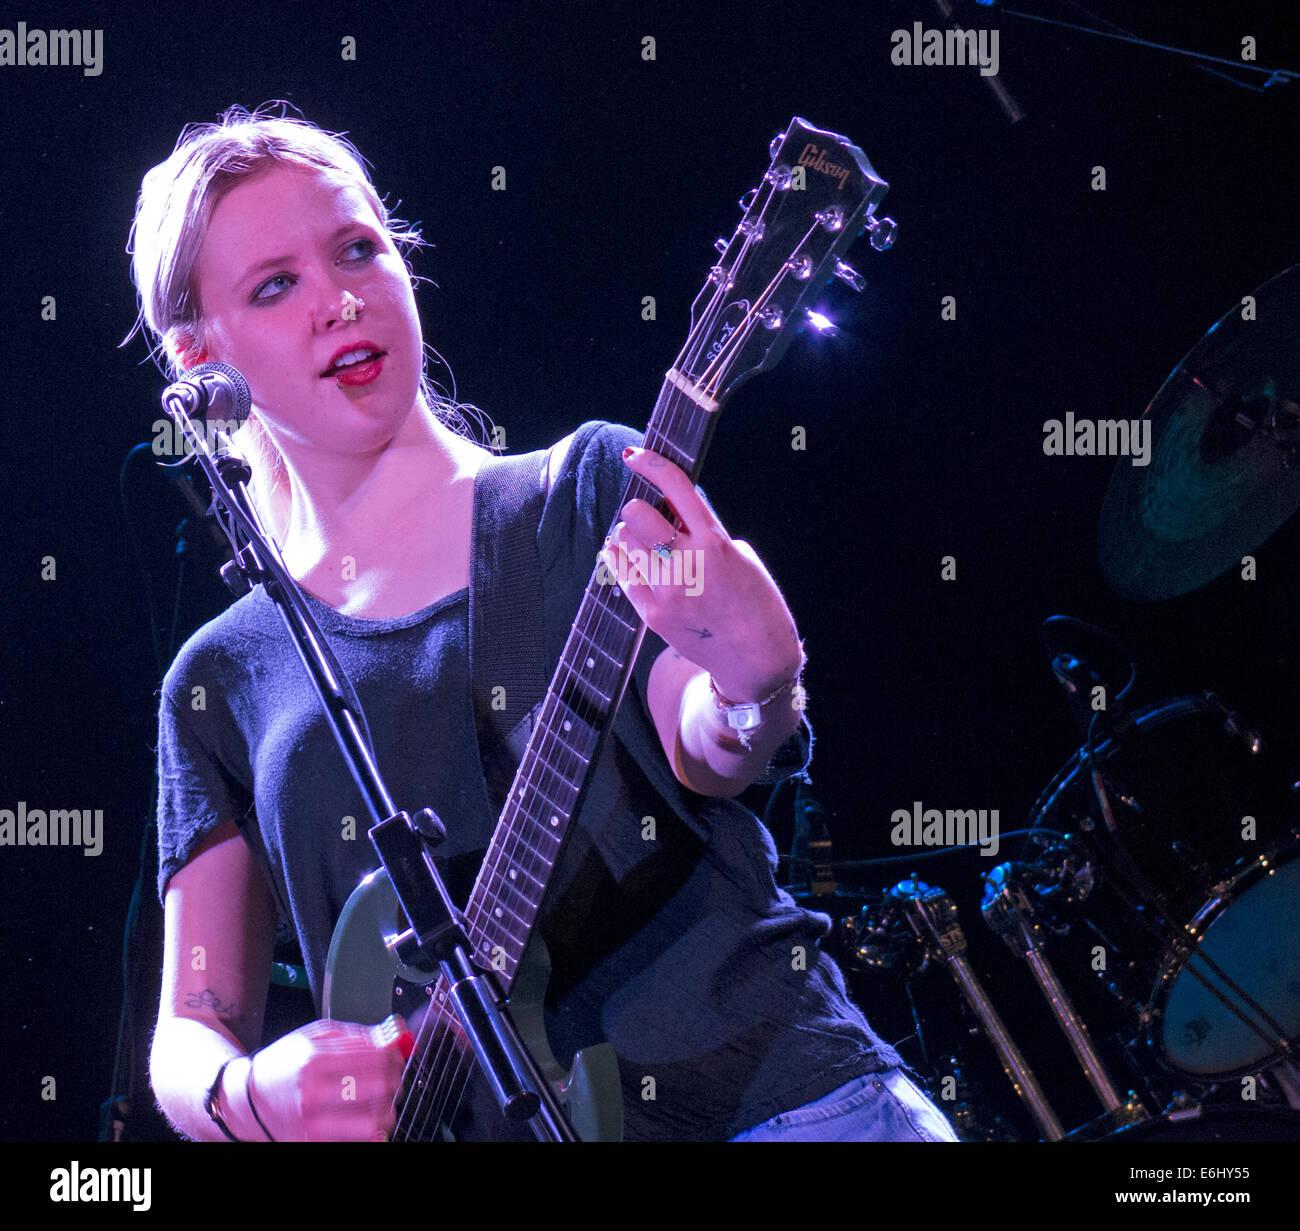 Laden Sie dieses Alamy Stockfoto Misty Miller live an der Manchester Academy 17.11.2003 unterstützende Fernsehen, England, UK - E6HY55